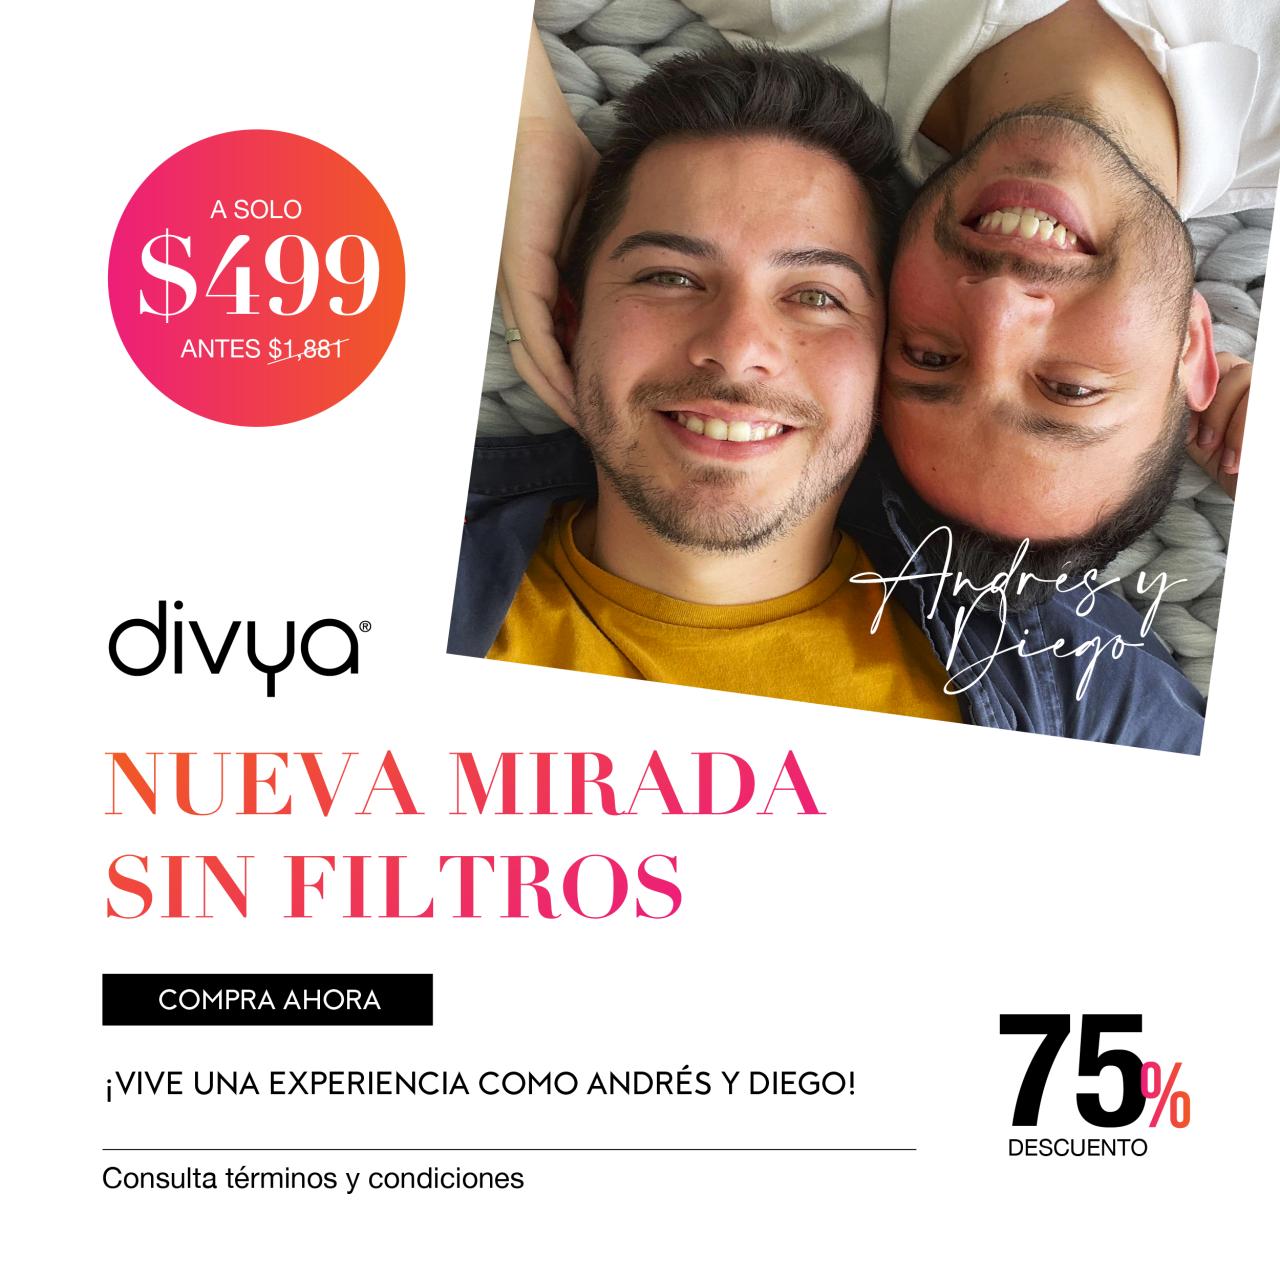 Nueva Mirada Sin Filtros: DIVYA X ANDRÉS Y DIEGO&w=900&h=900&fit=crop